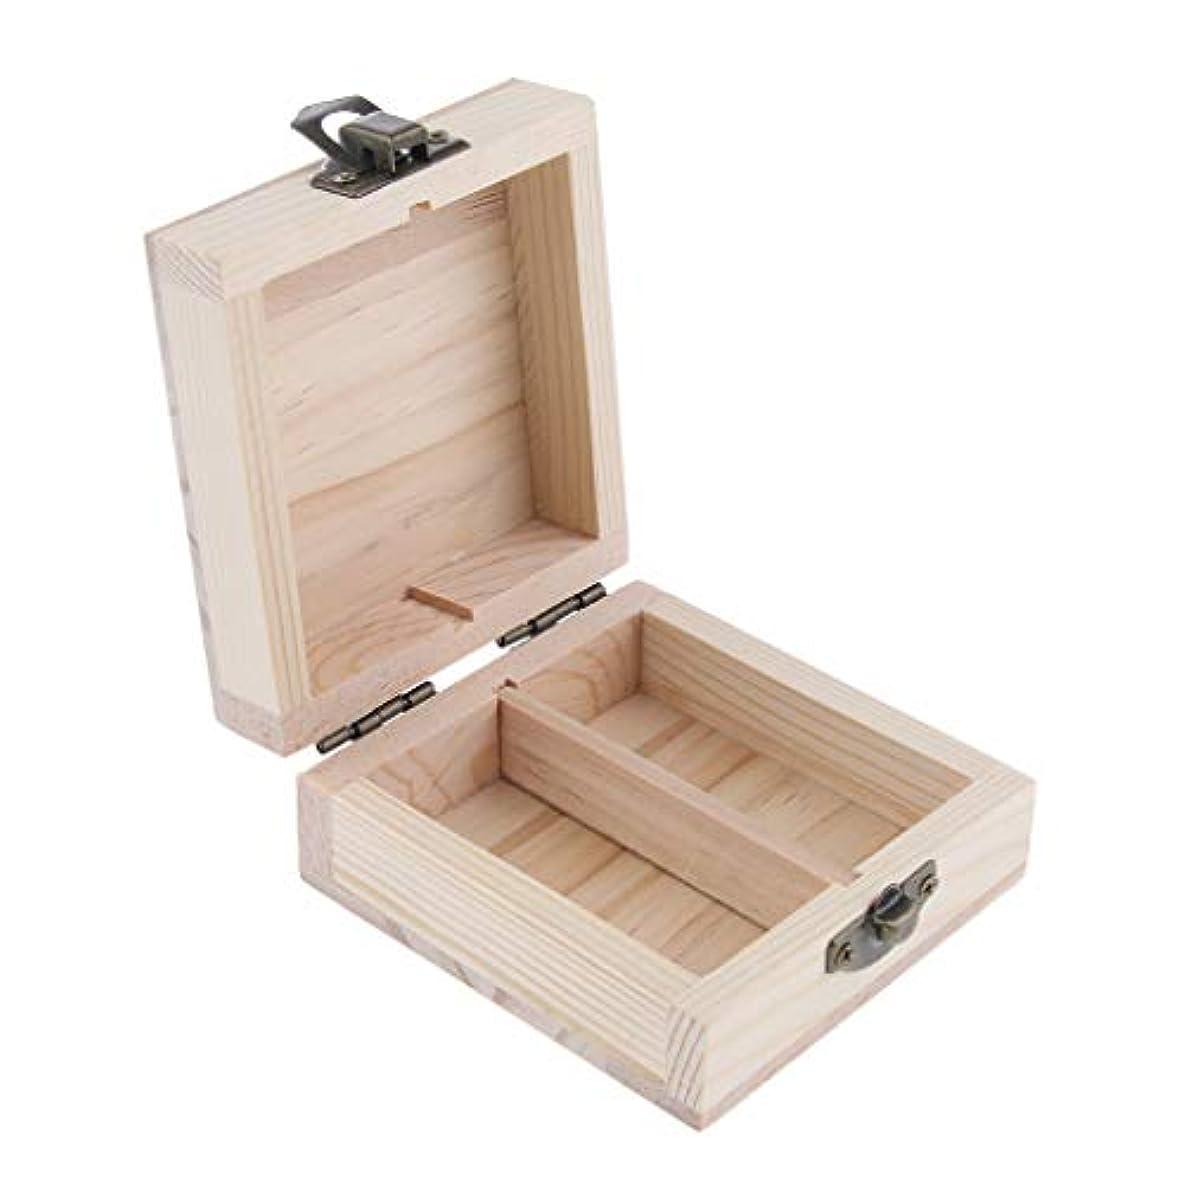 着実にヒロイン急降下エッセンシャルオイルケース アロマ オイルボトル 展示ボックス 木製 2本入 15ミリ